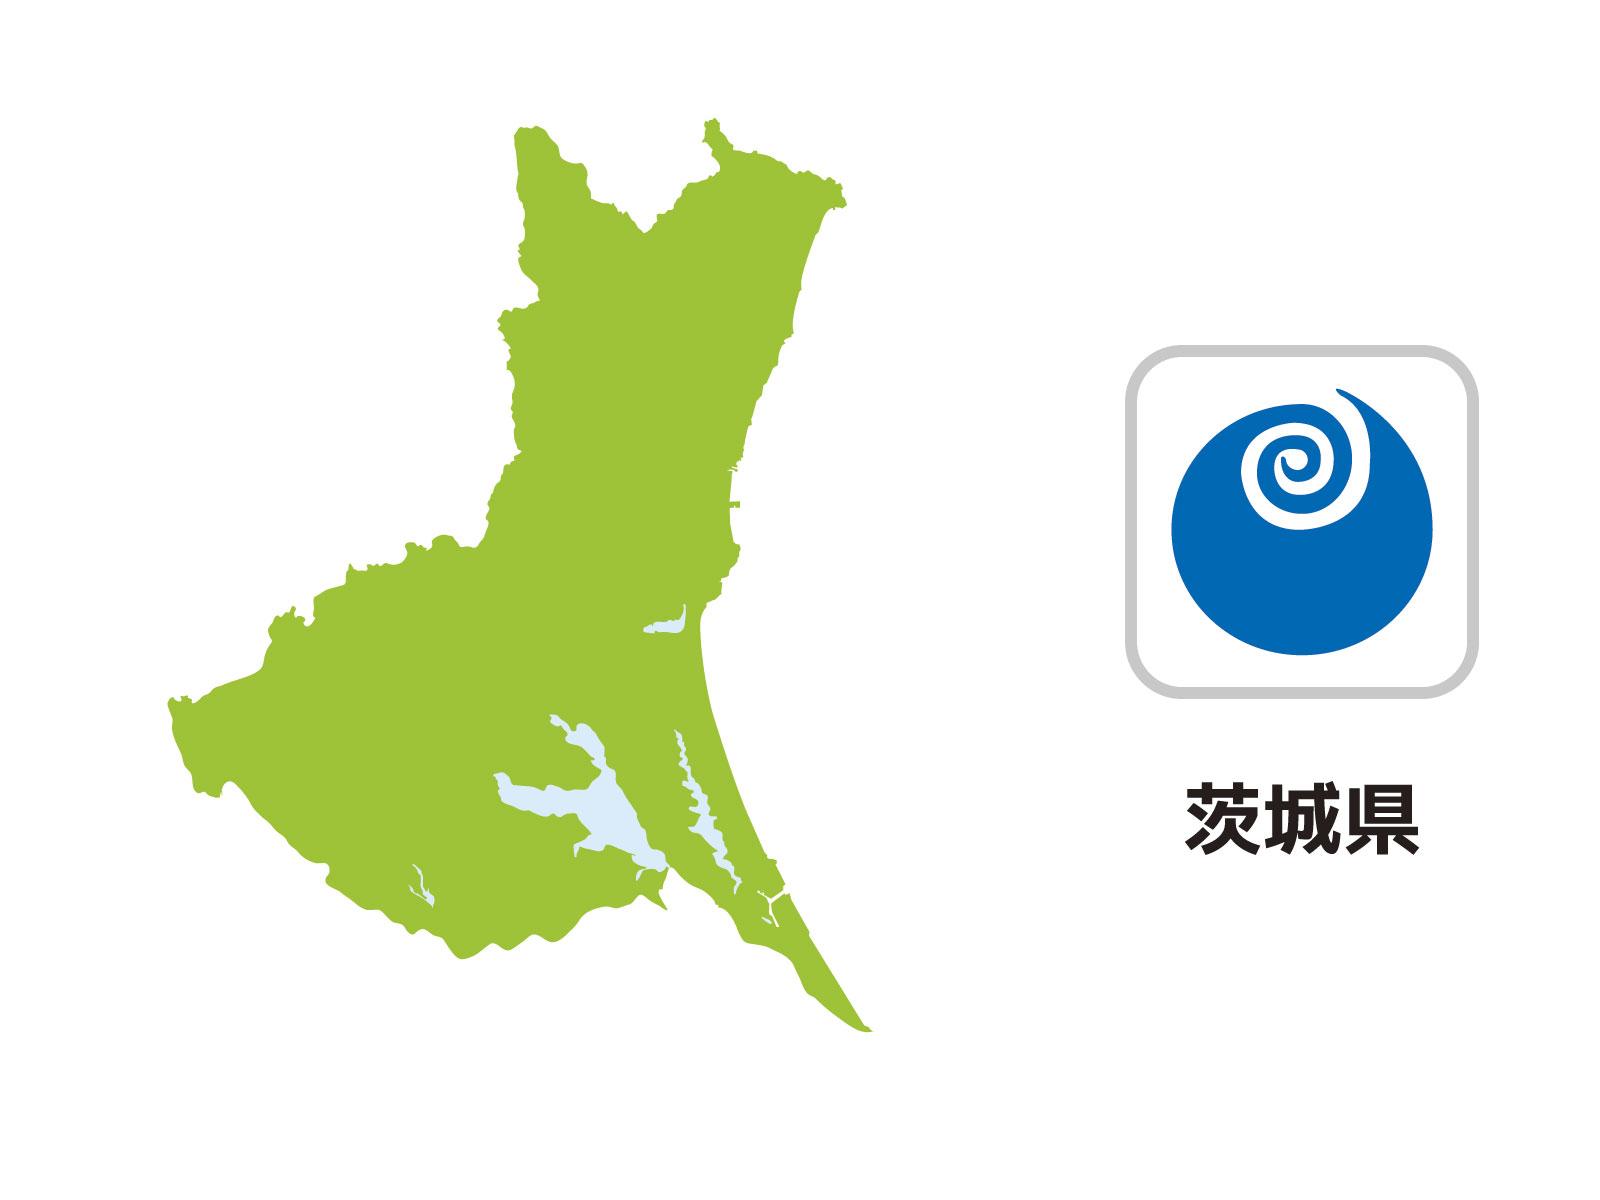 茨城県で債務整理(借金相談)を扱う弁護士・司法書士事務所一覧